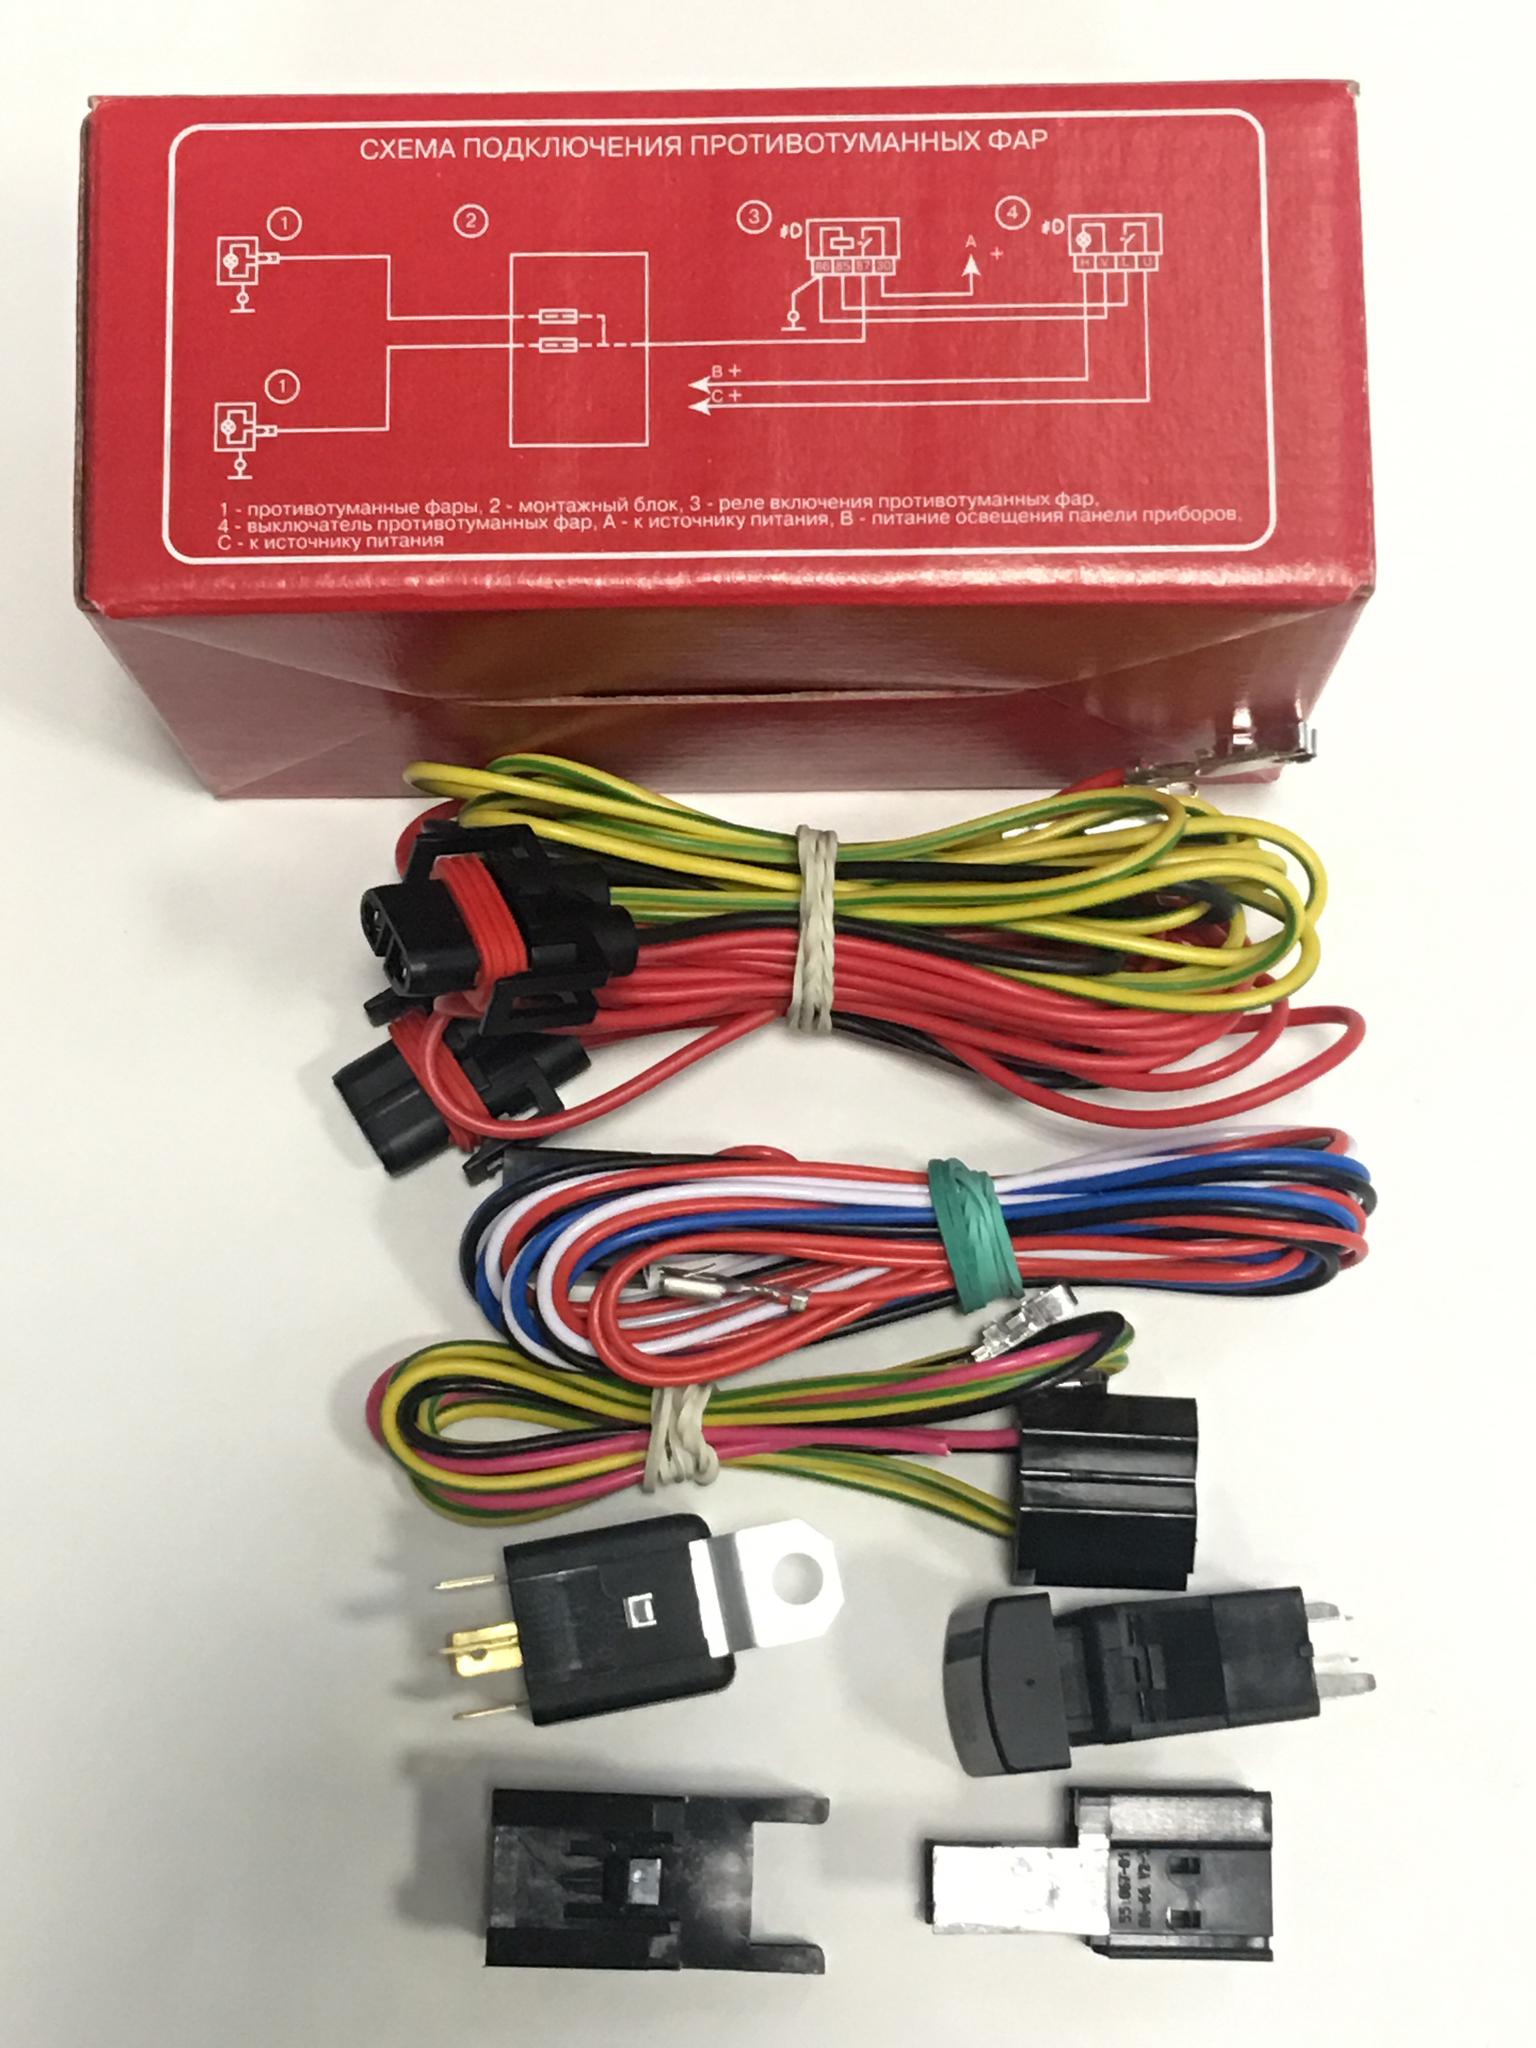 Монтажный набор для подключения противотуманных фар Лада Гранта FL - кнопка с белой подсветкой